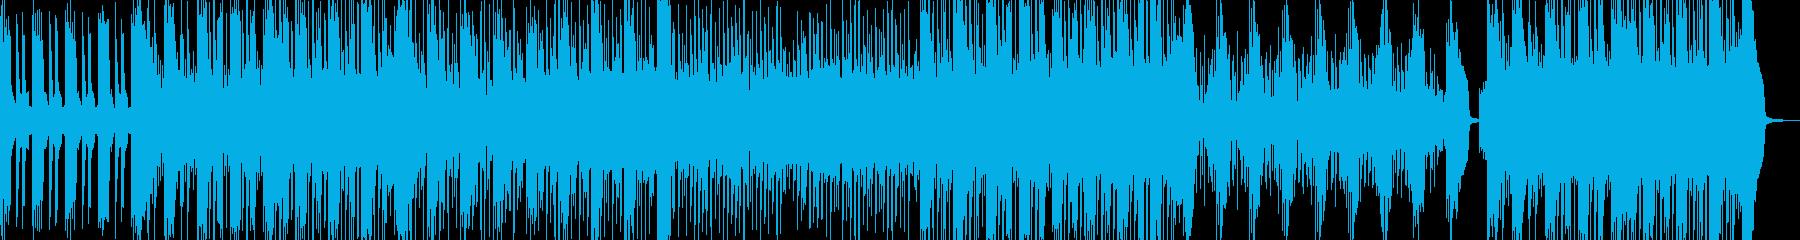 疾走感のあるトランス風サウンドの再生済みの波形